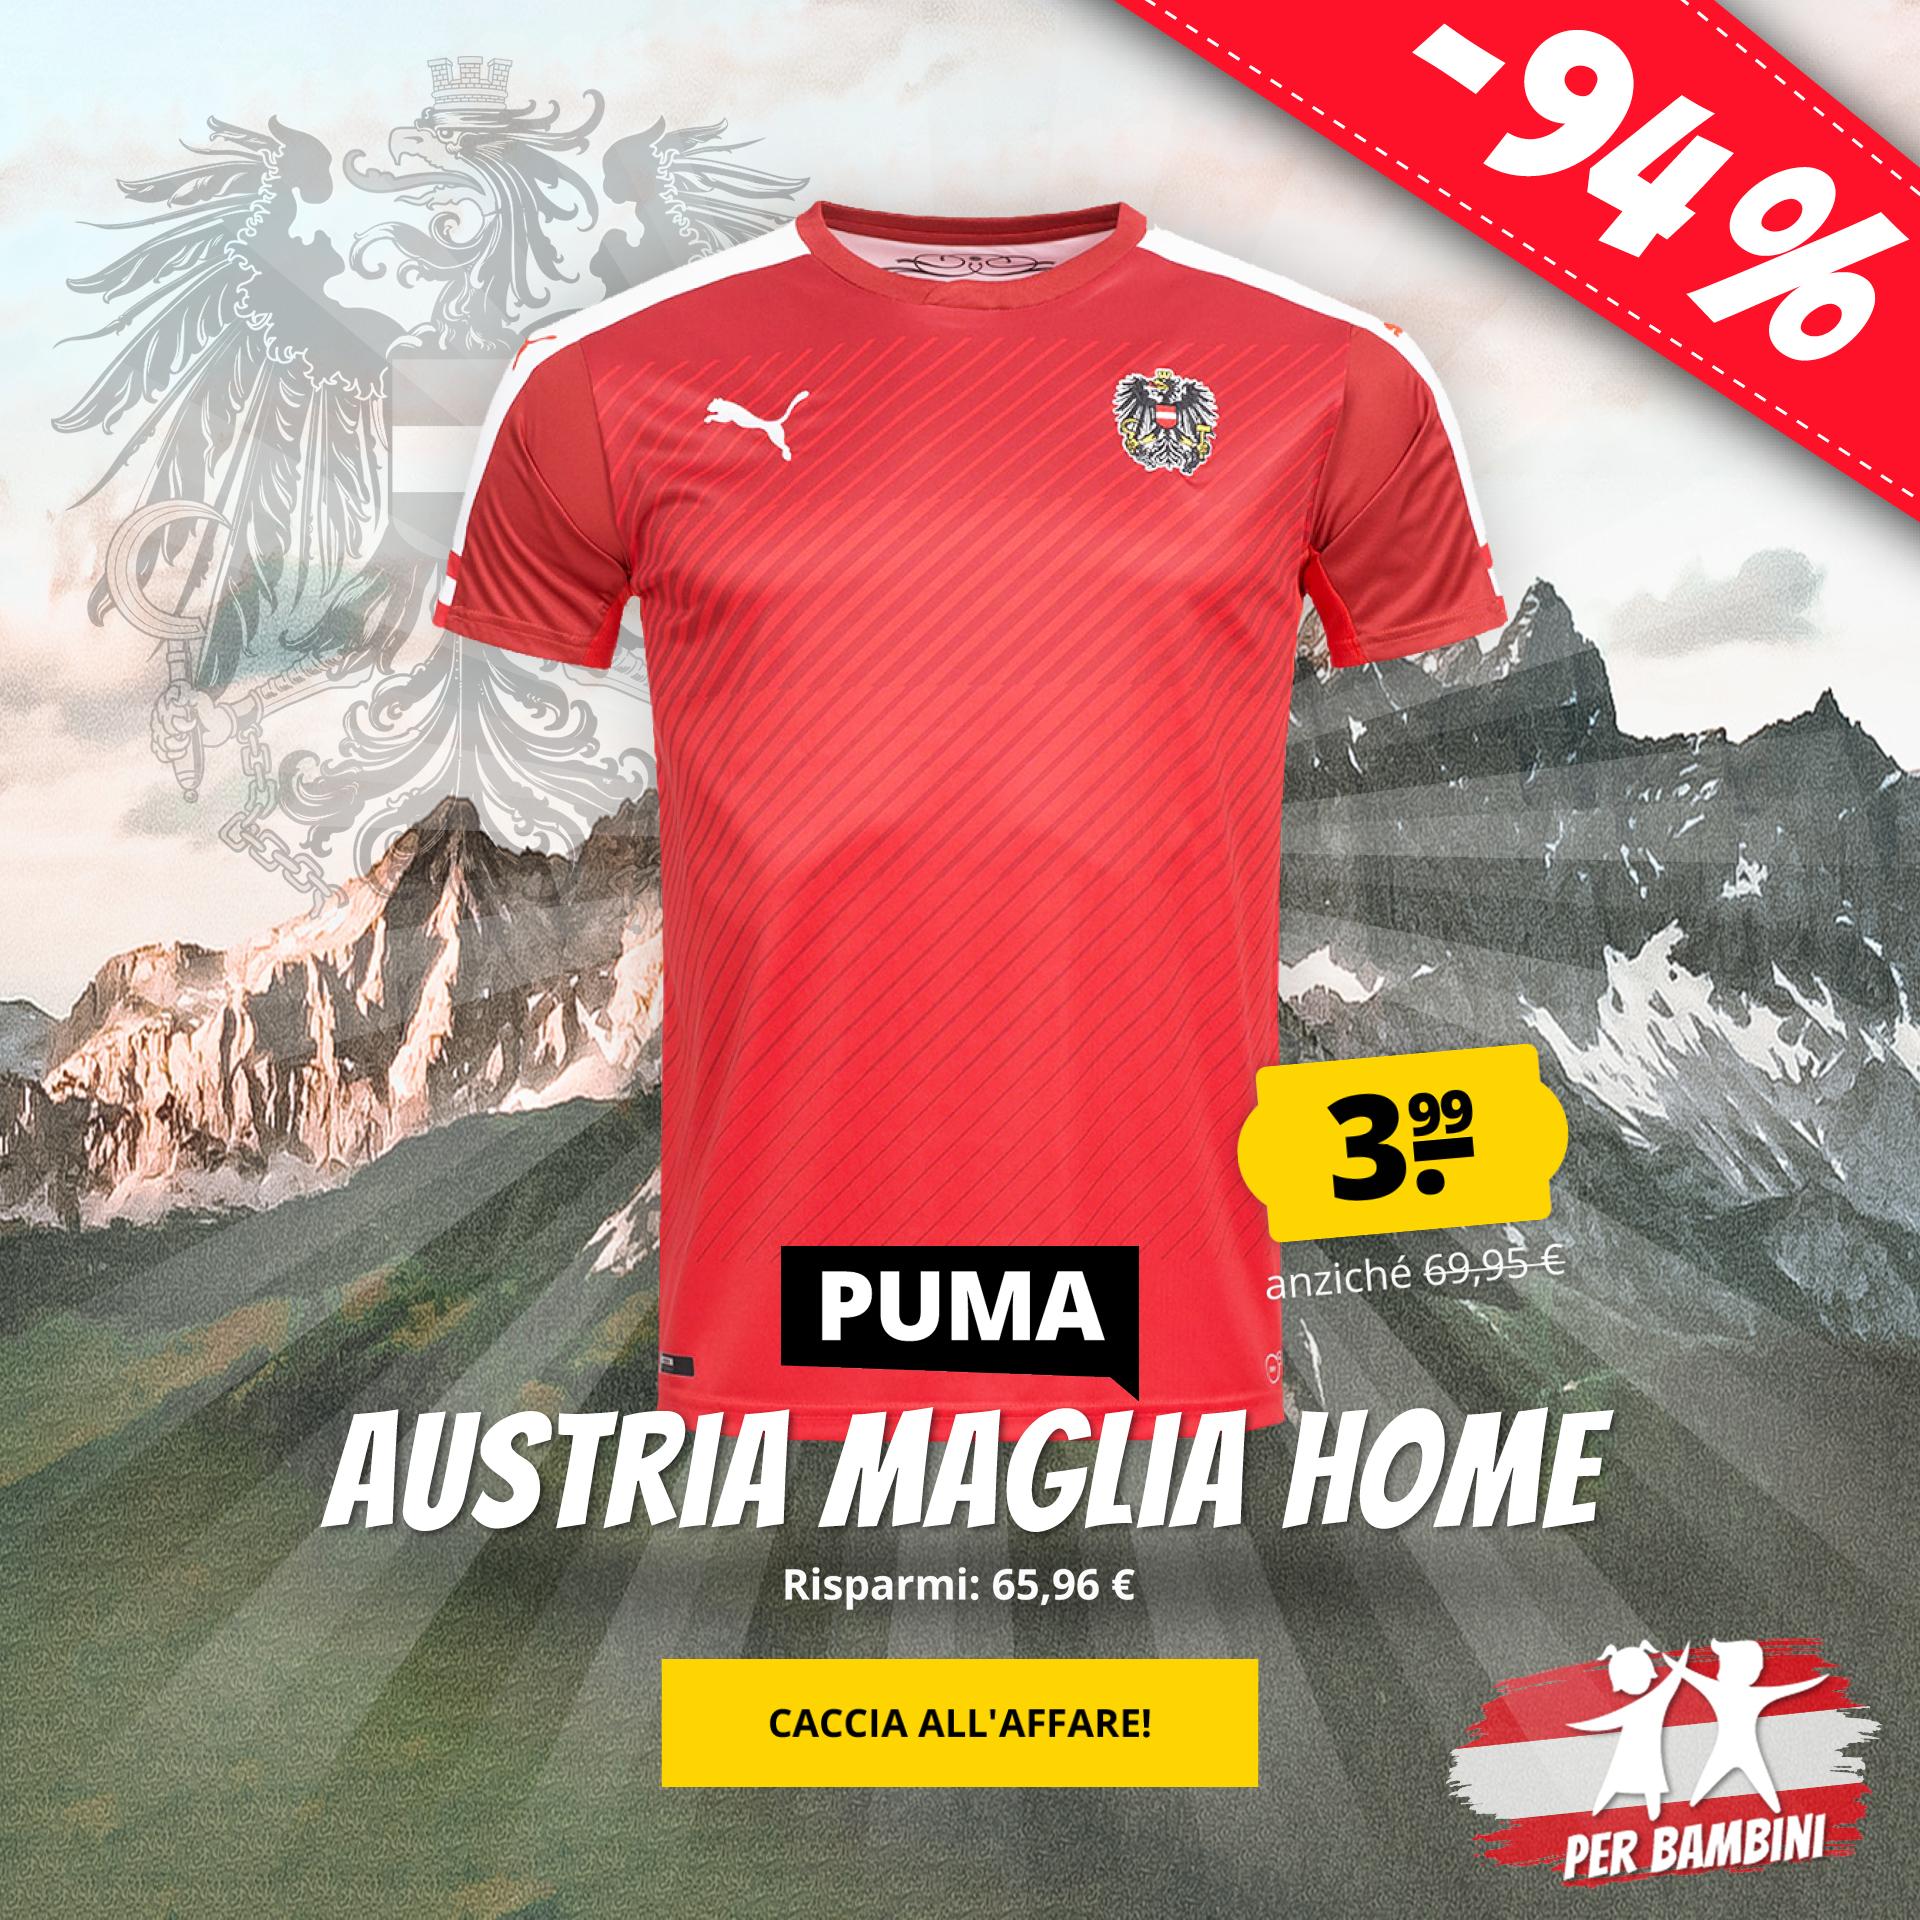 PUMA Austria Maglia home  da bambino solo 3,99 €